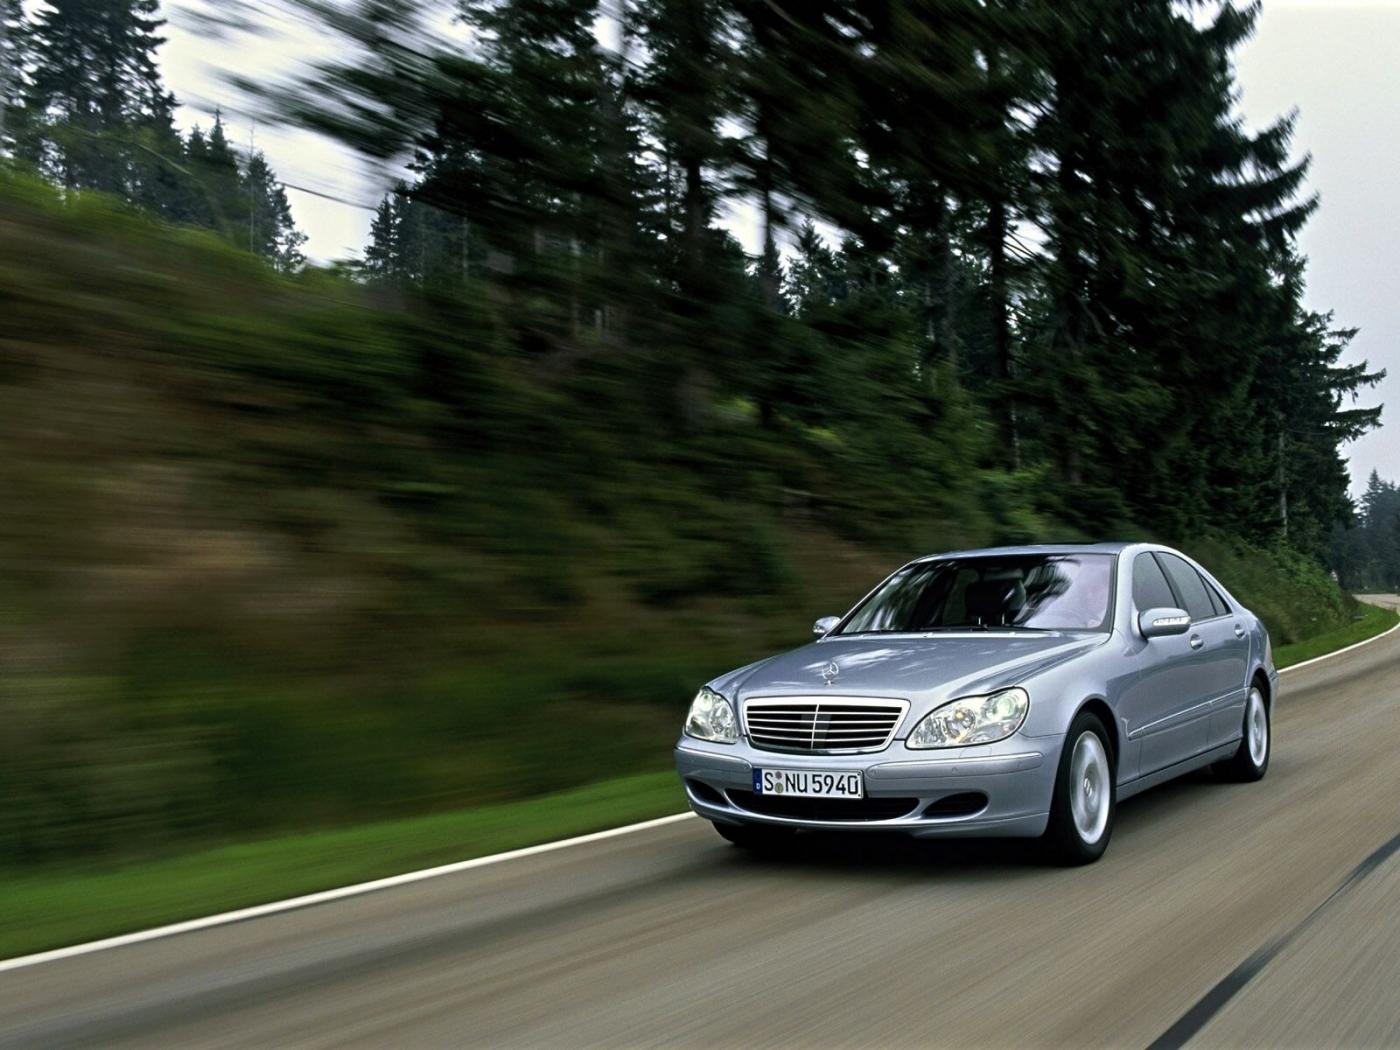 48571 скачать обои Транспорт, Машины, Мерседес (Mercedes) - заставки и картинки бесплатно